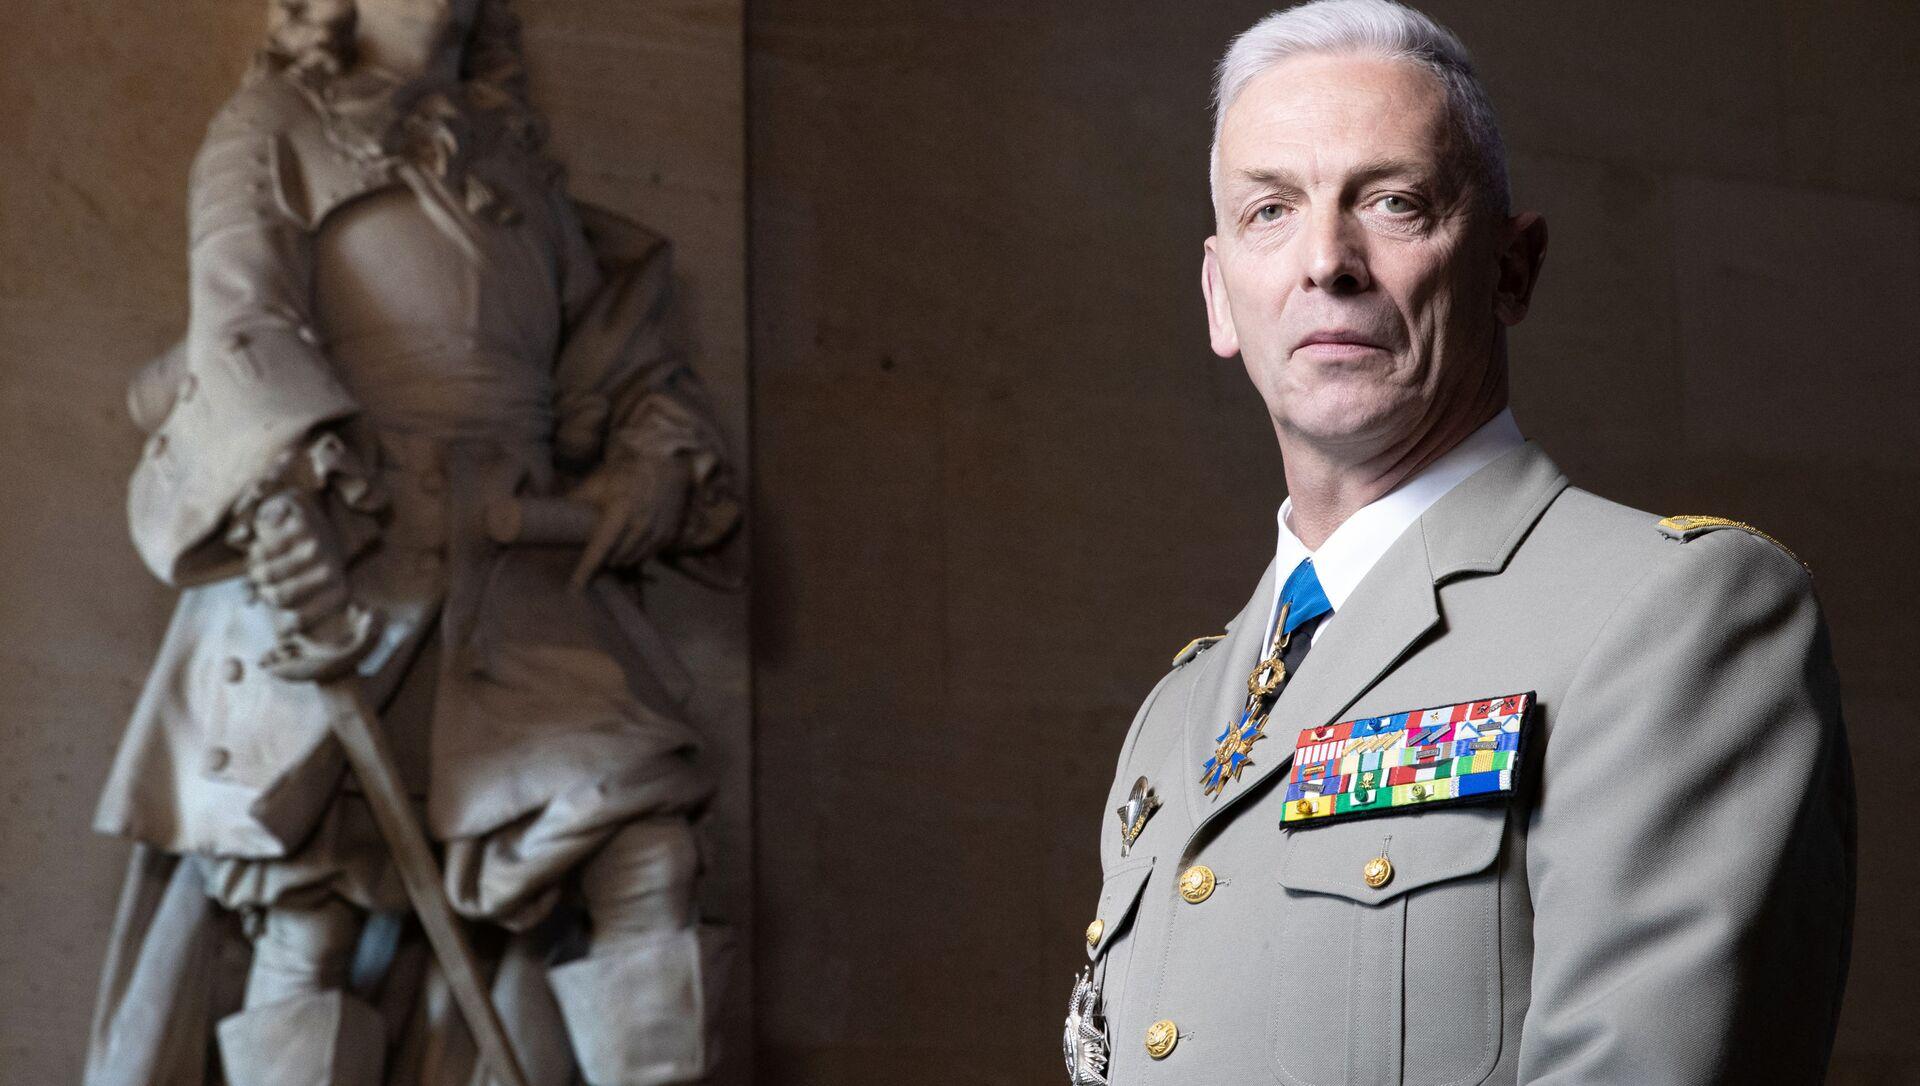 Szef Sztabu Generalnego francuskiej armii François Lecointre - Sputnik Polska, 1920, 25.05.2021